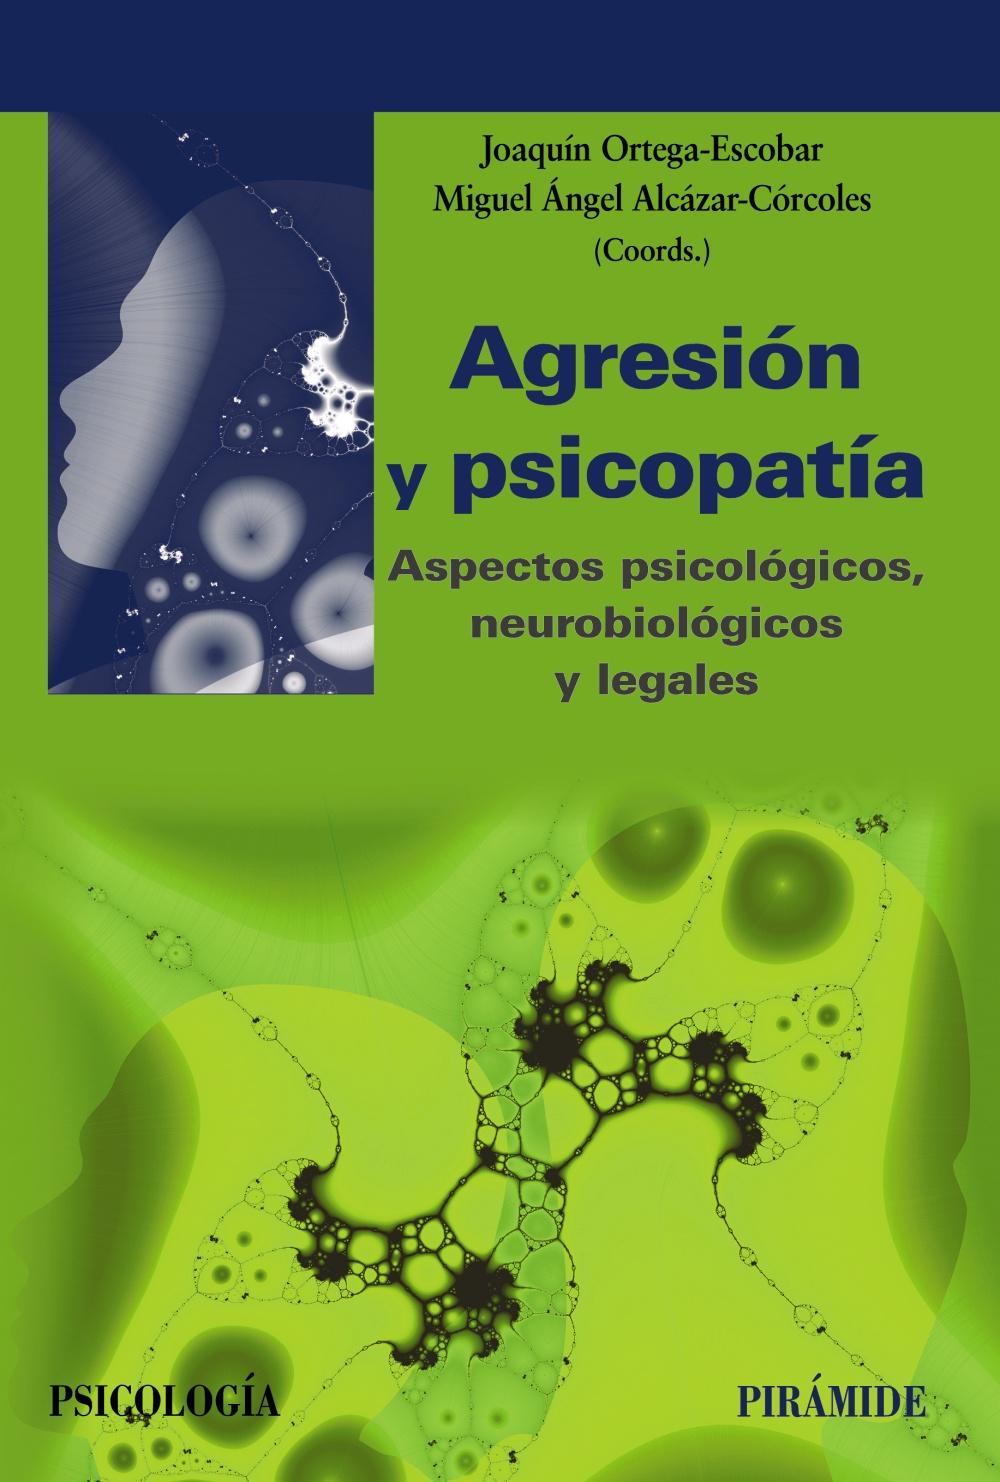 Agresión y psicopatía